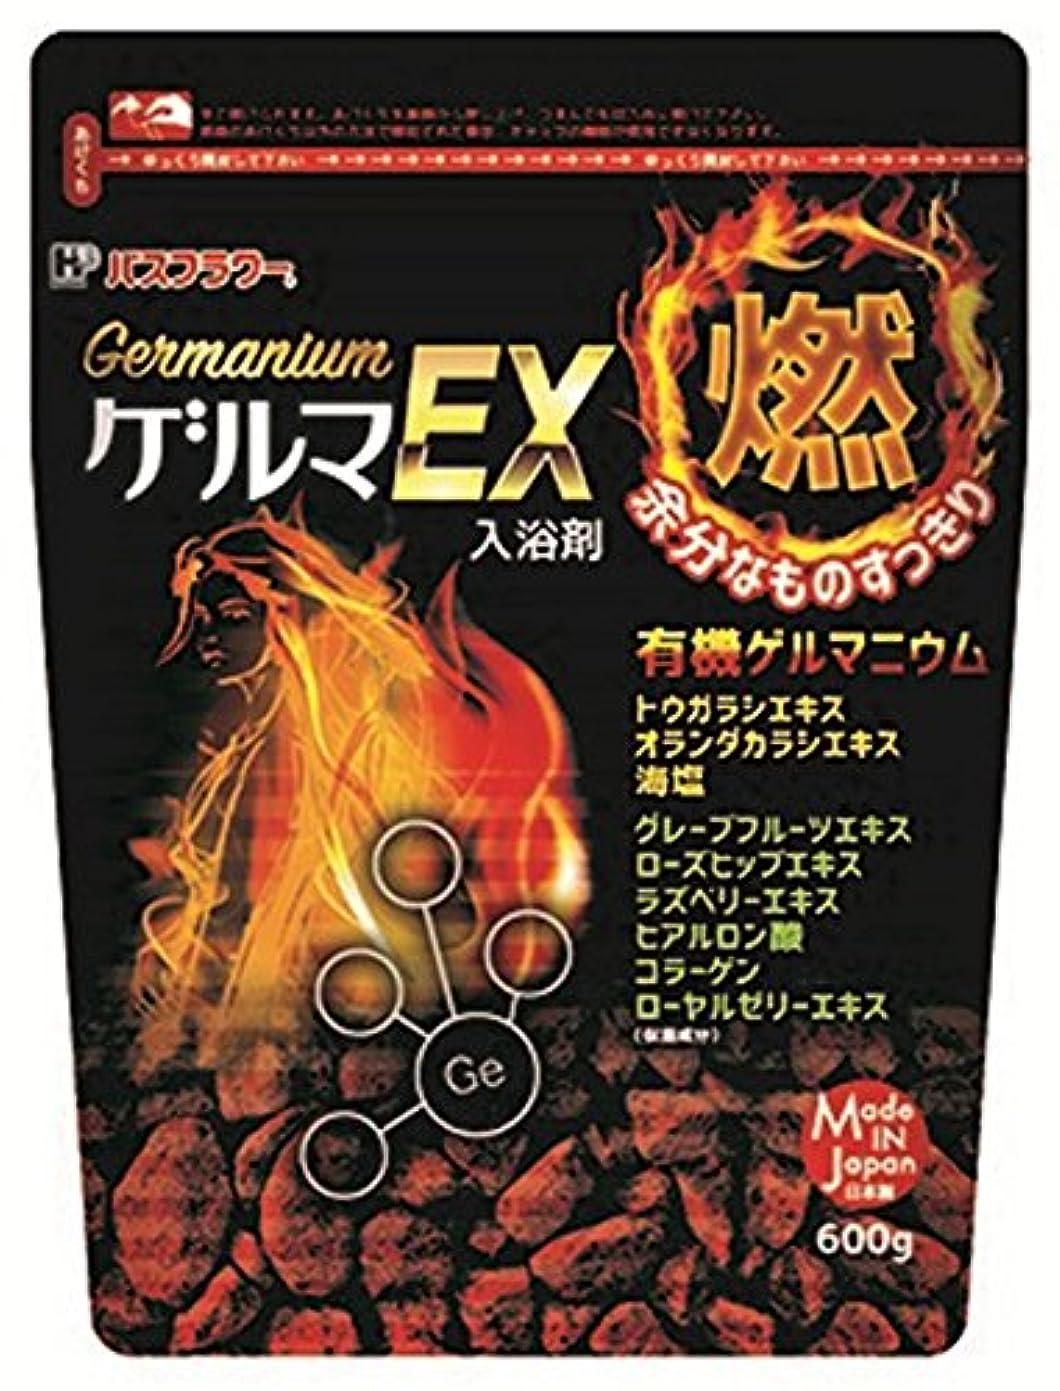 三麦芽相談ヘルス バスフラワー 入浴剤 発汗促進タイプ ゲルマEX 600g